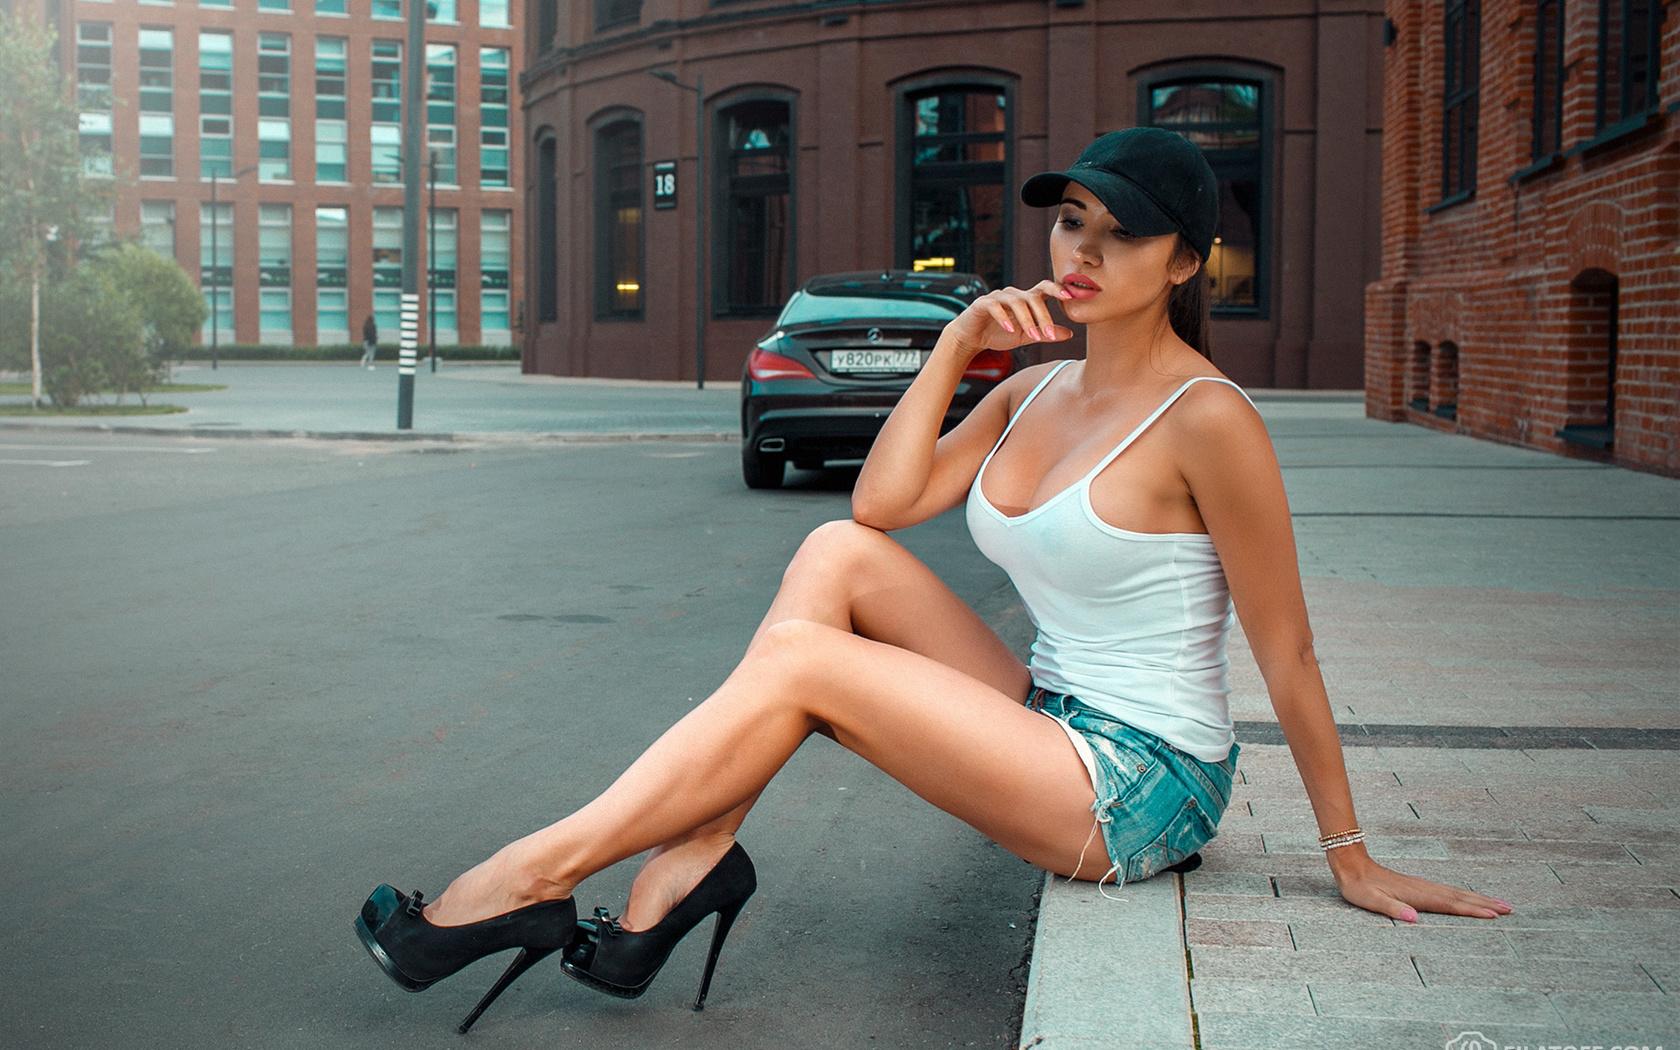 женские ножки на московских улицах видео дело стояла